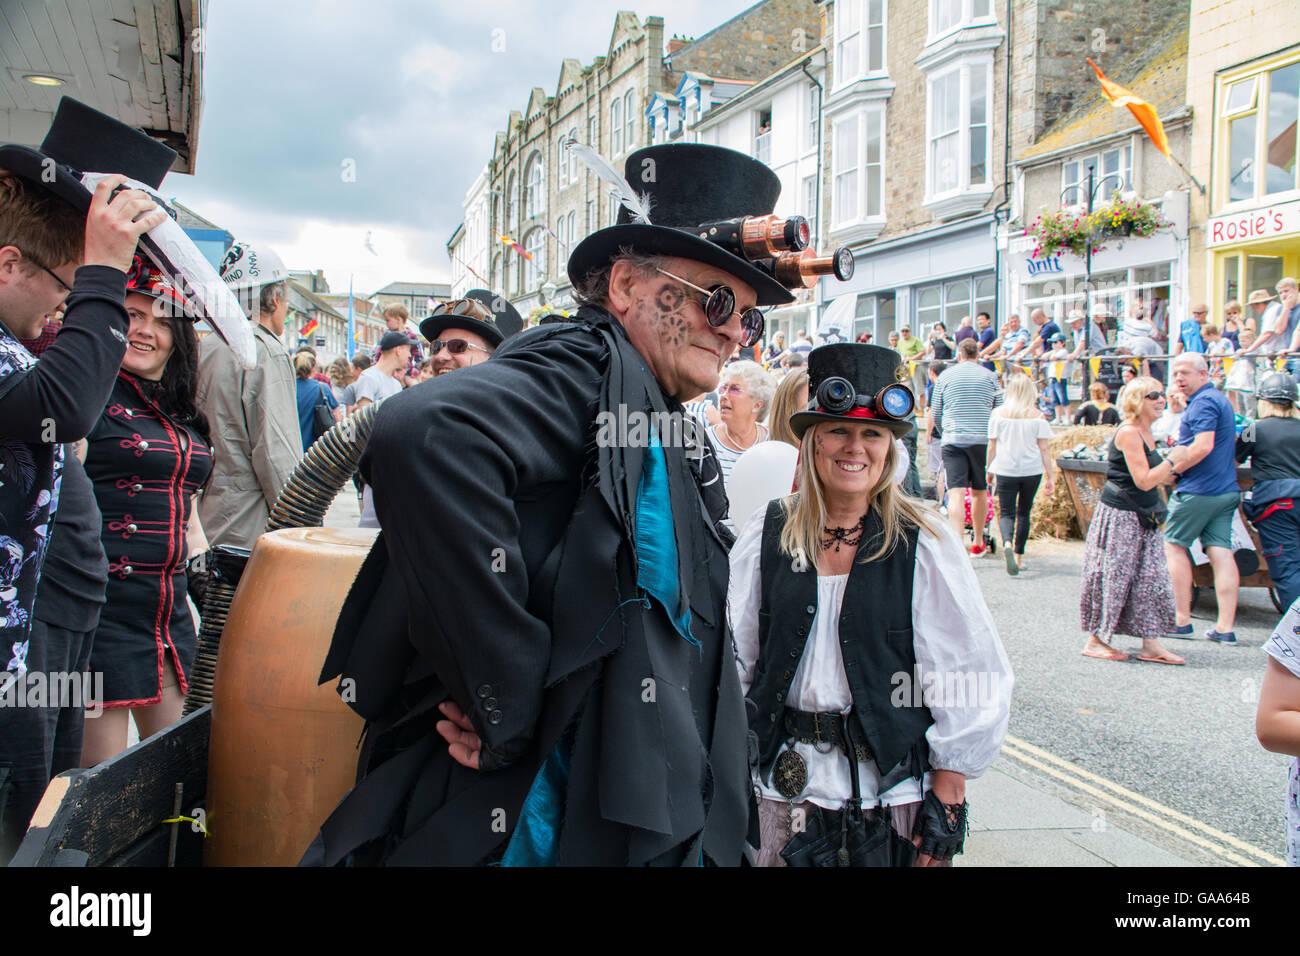 """Penzance, Cornwall, Reino Unido. El 5 de agosto de 2016. Steampunk soapbox derby en Penzance, comienza un día de fiesta que culminó en la transformación de los """"gigantes"""" de un motor, más tarde en el día. Crédito: Simon Maycock/Alamy Live News Foto de stock"""